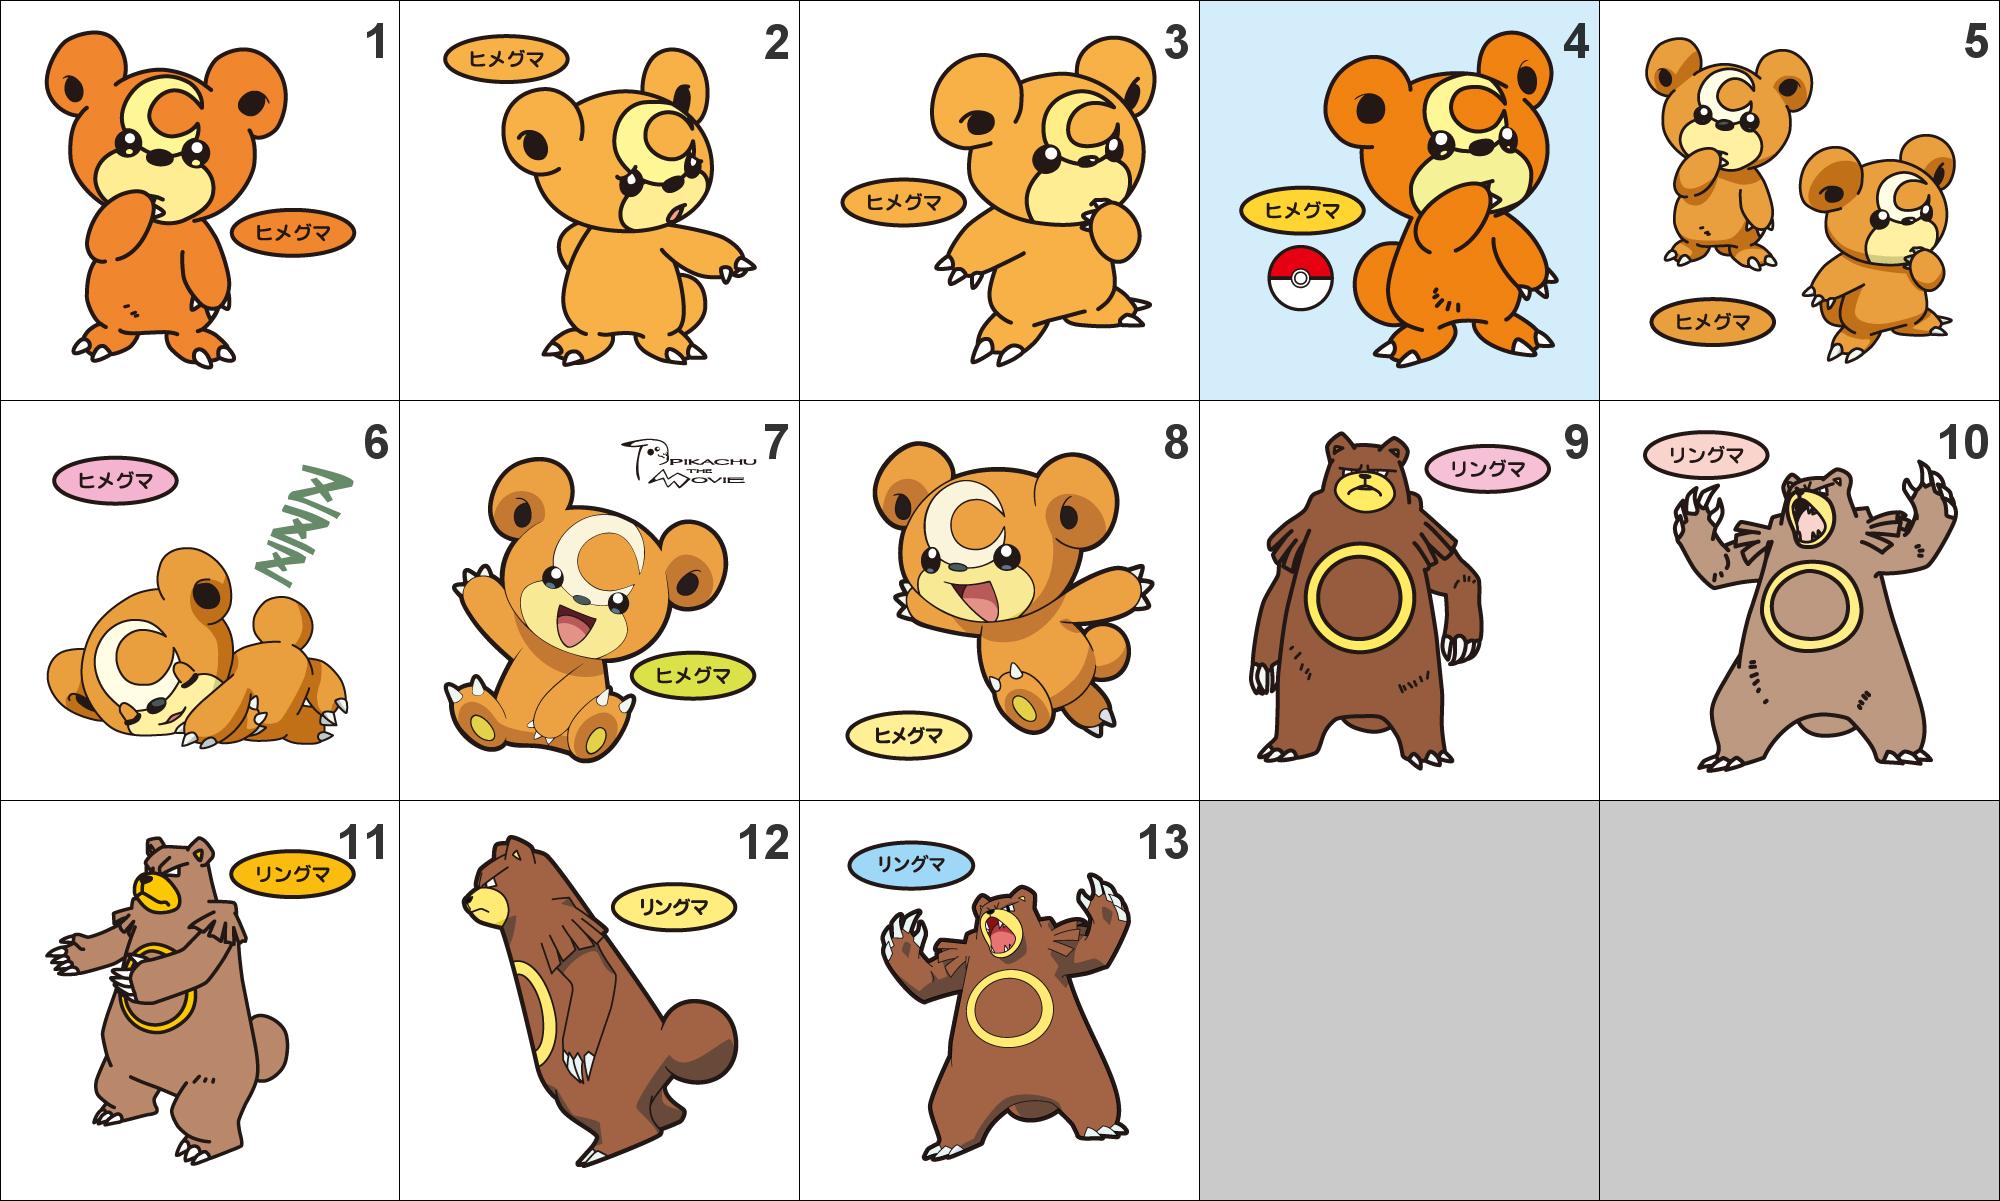 Pokemon Ursaring Images | Pokemon Images